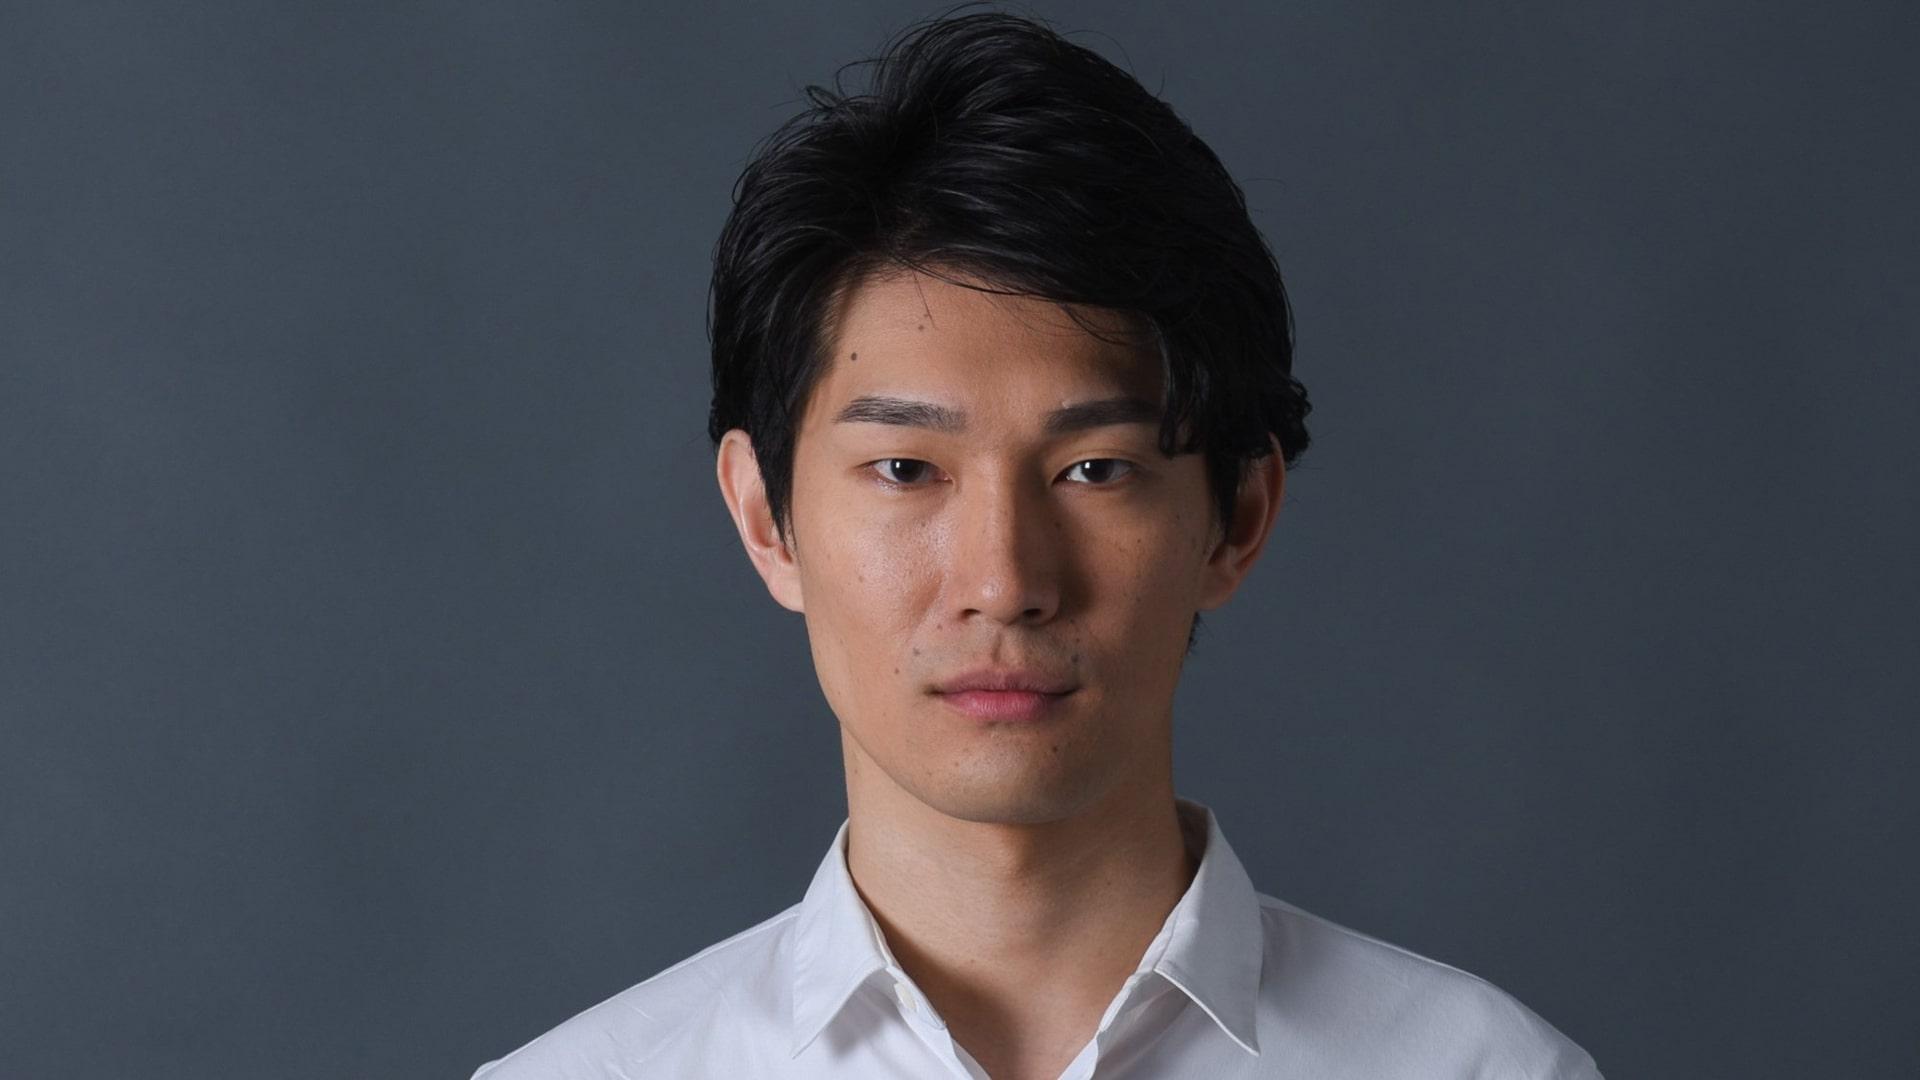 梅田脩平|プロフィール写真|オフィス森本